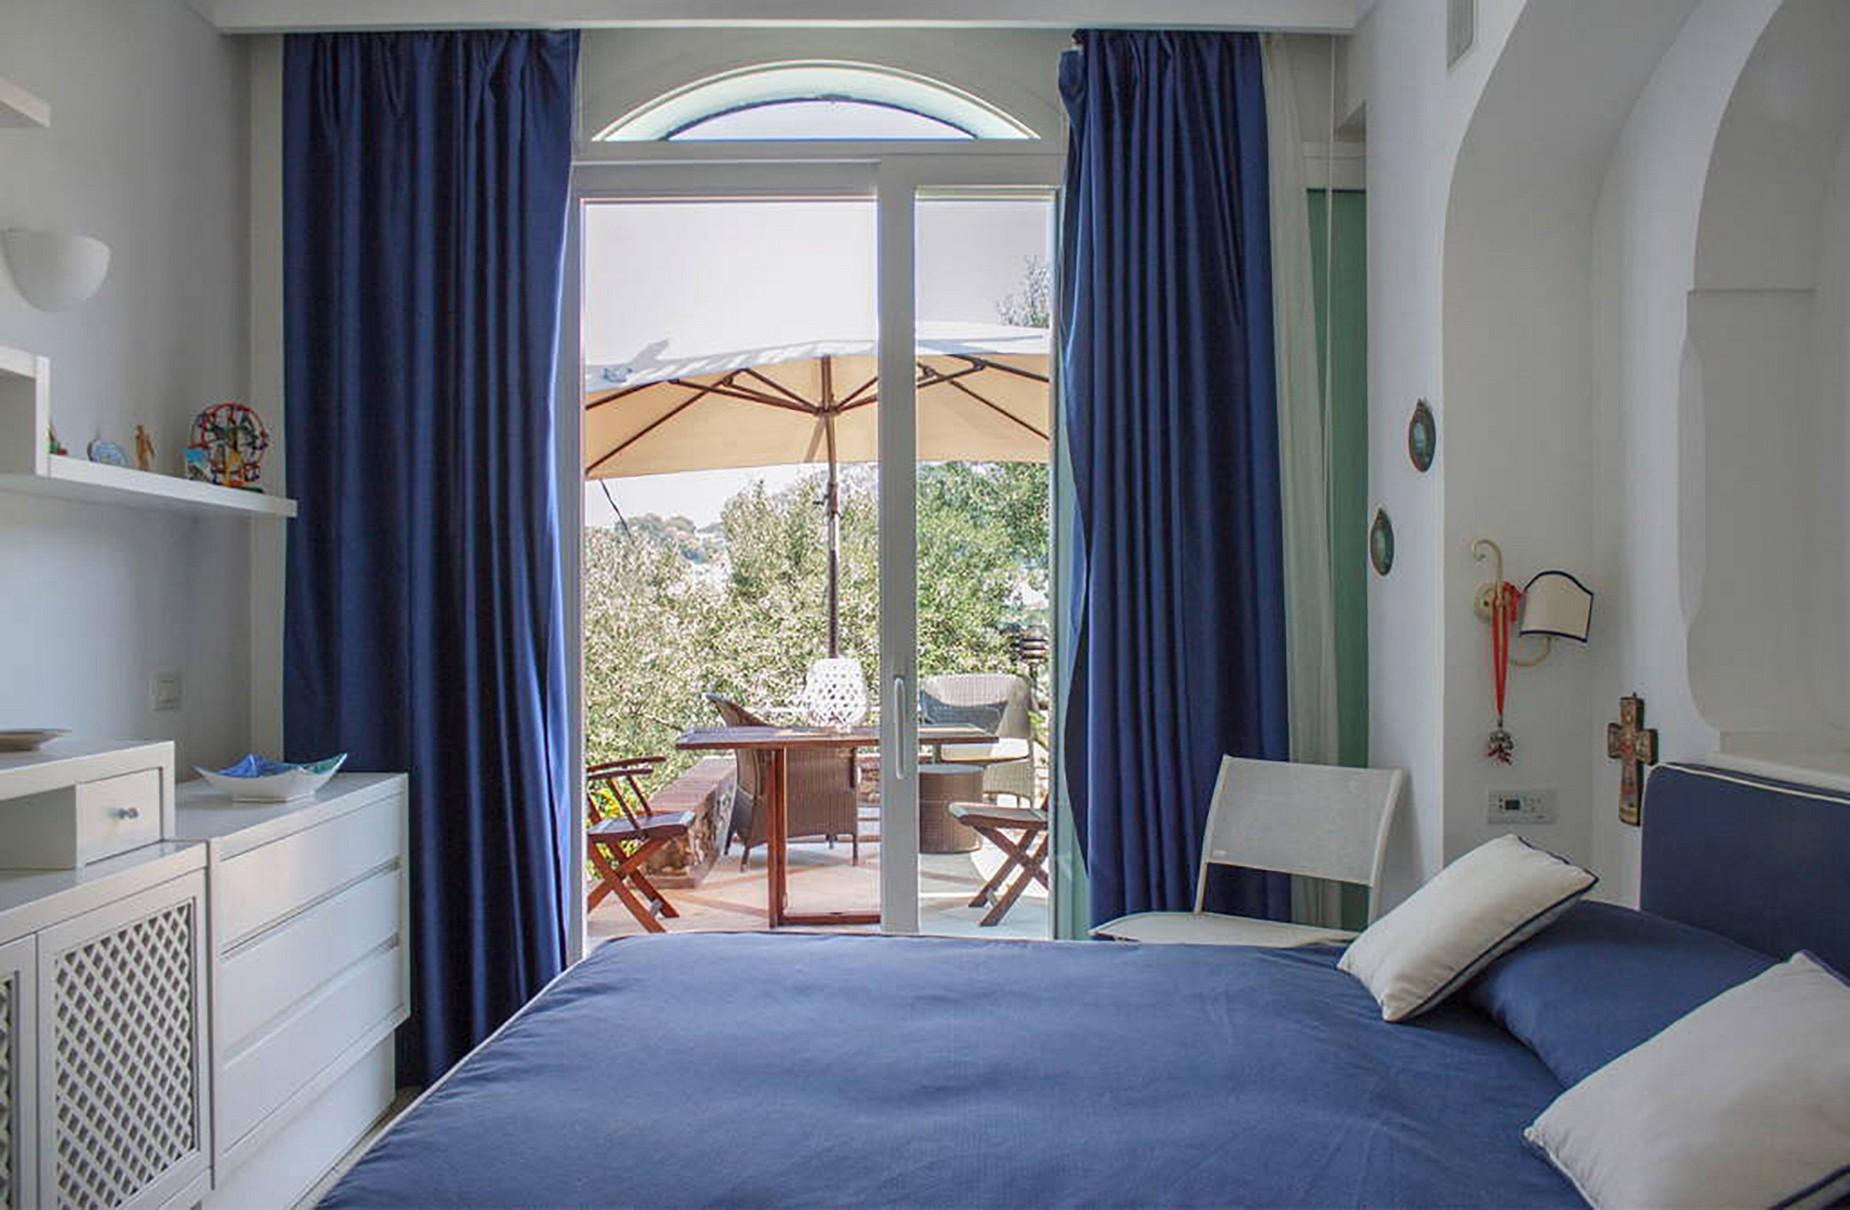 Очаровательная вилла с панорамным бассейном в центре легендарного острова Капри, Италия - 11